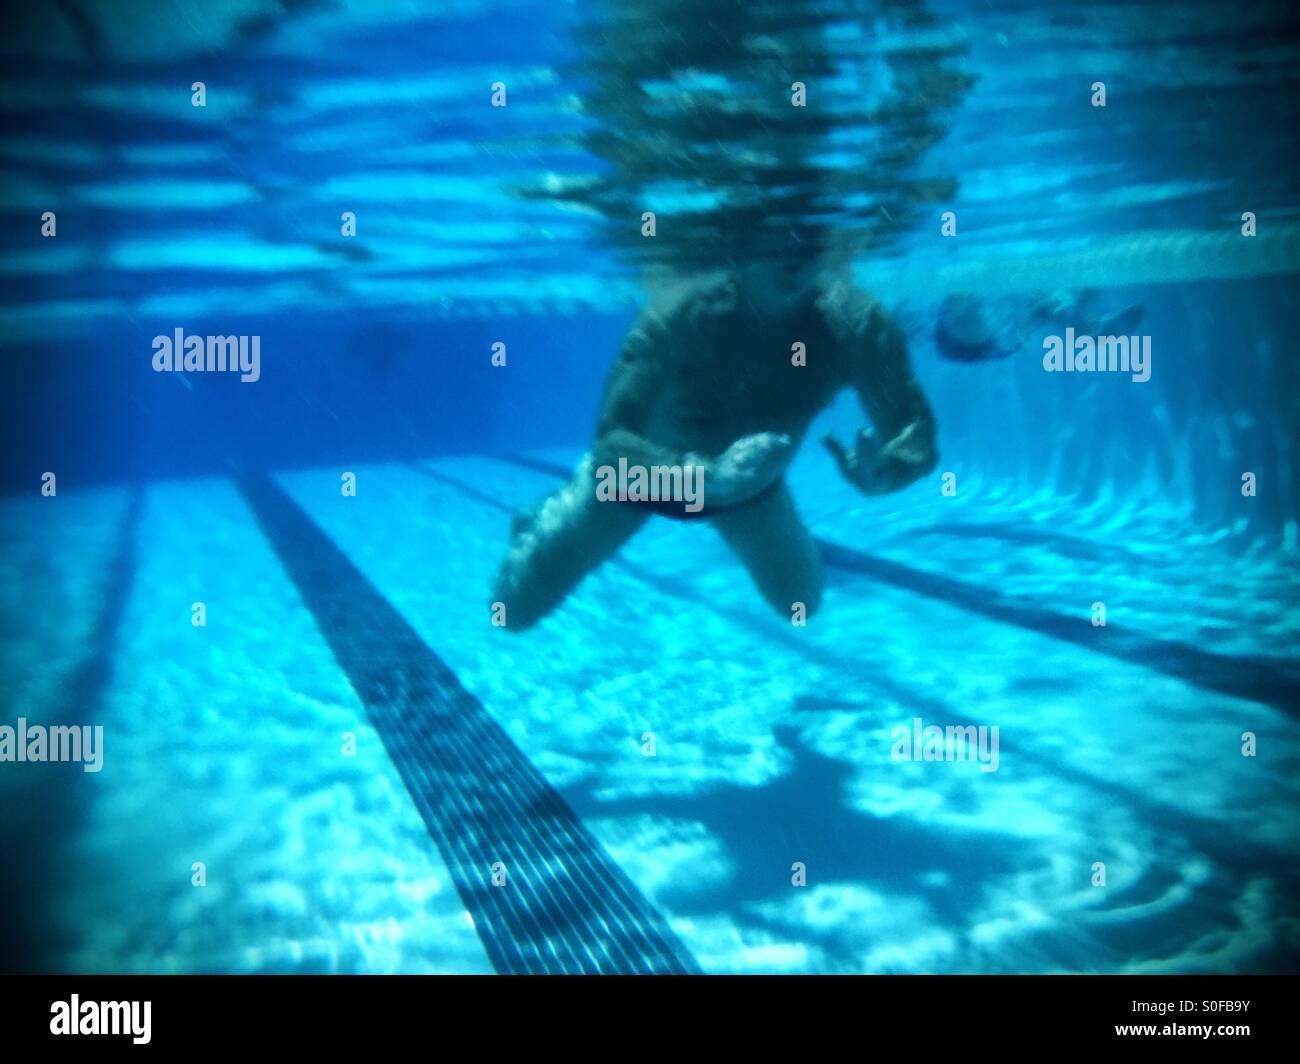 Schwimmer schwimmen Brust Unterwasserblick mit wässrigen Schatten, Reflexionen. Stockbild